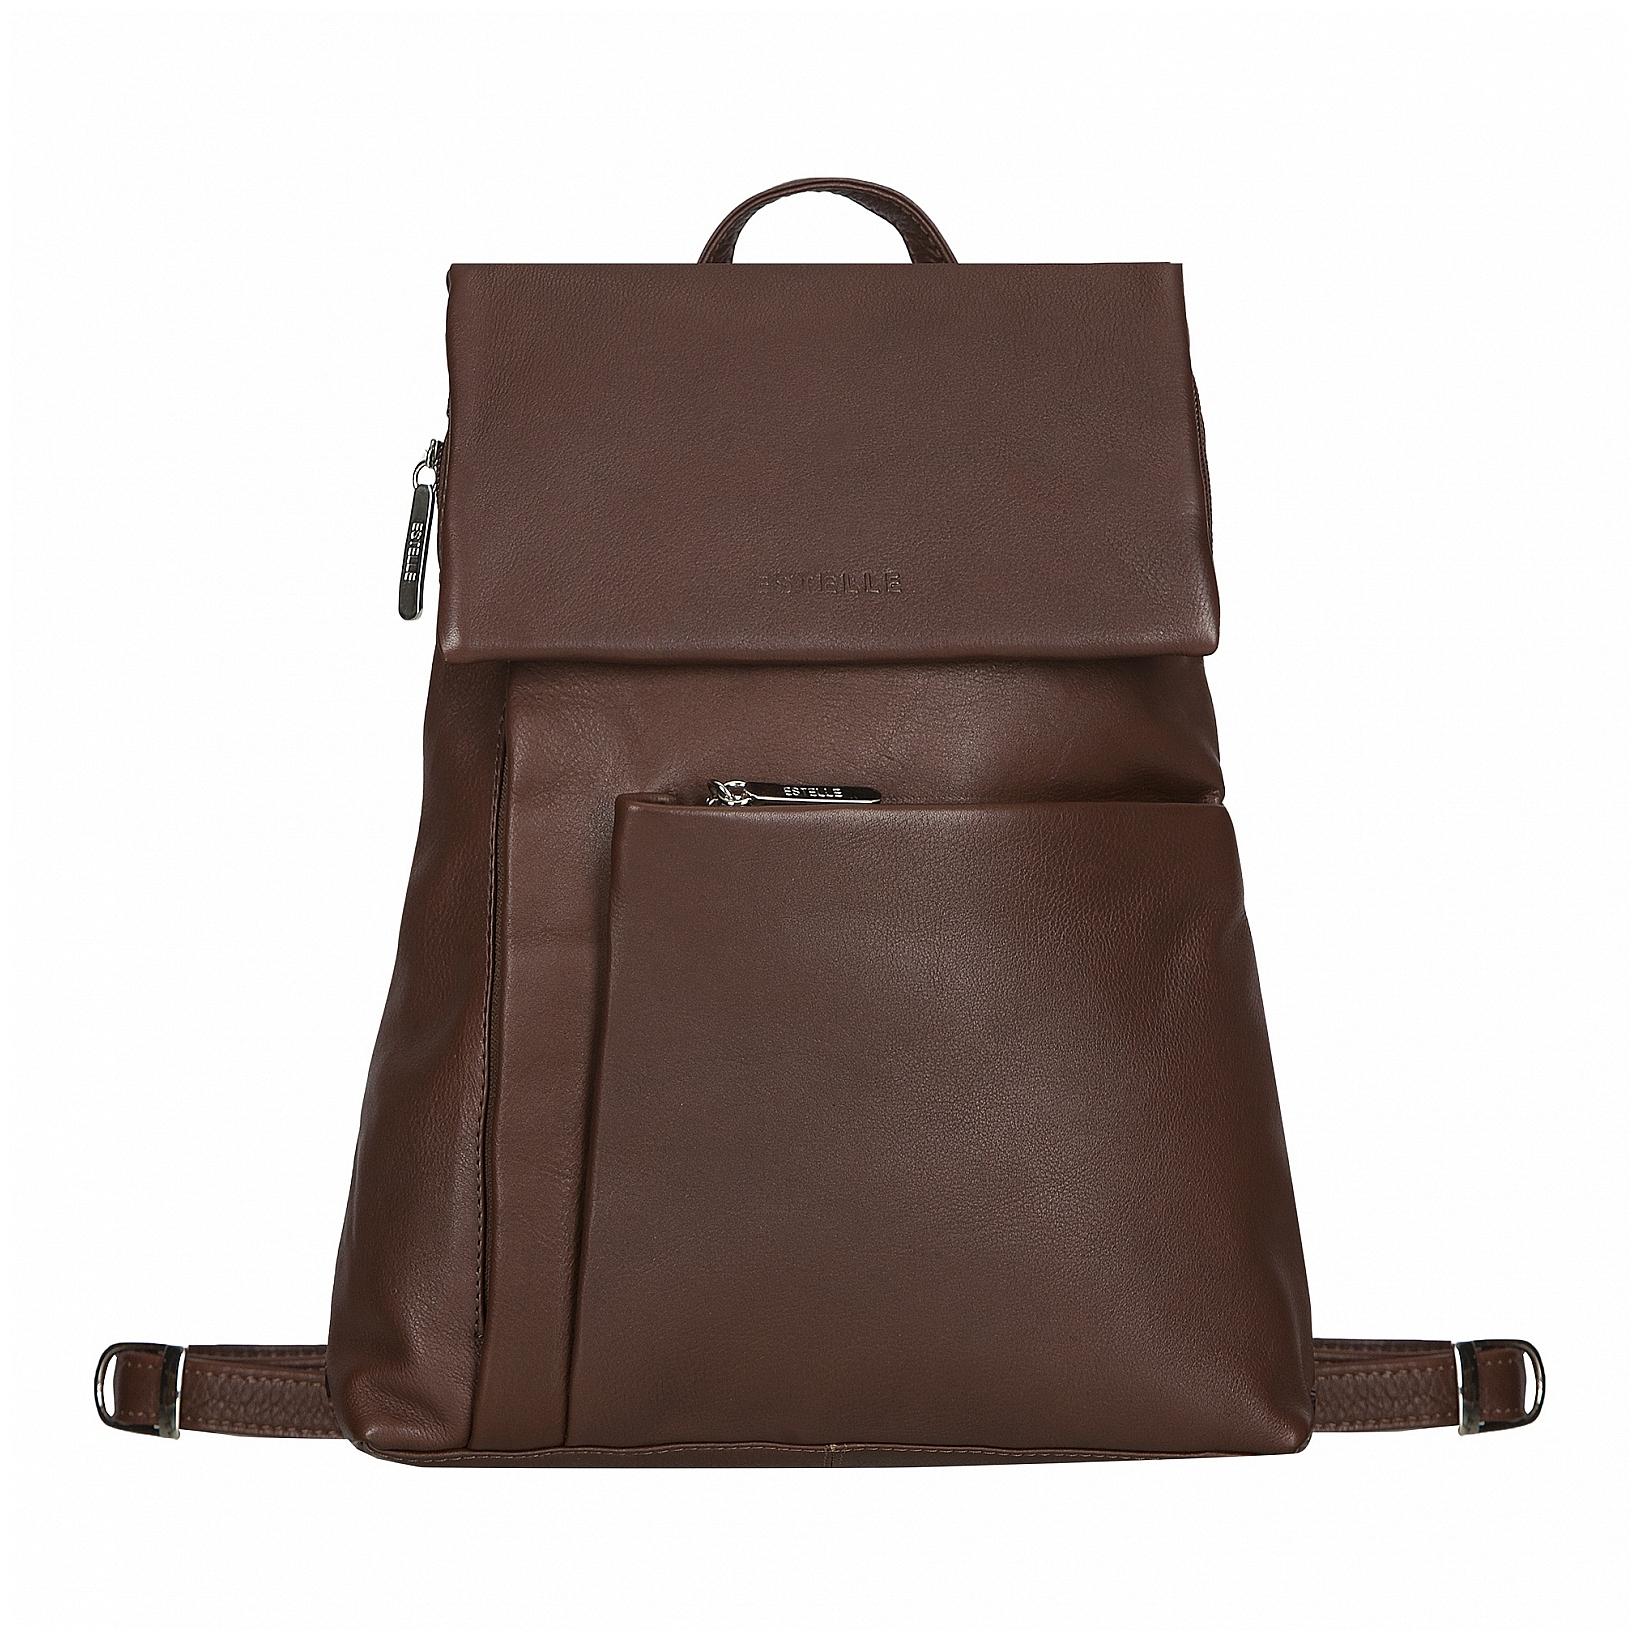 82352806dff ESTELLE Dámský kožený batoh 0145 hnědý